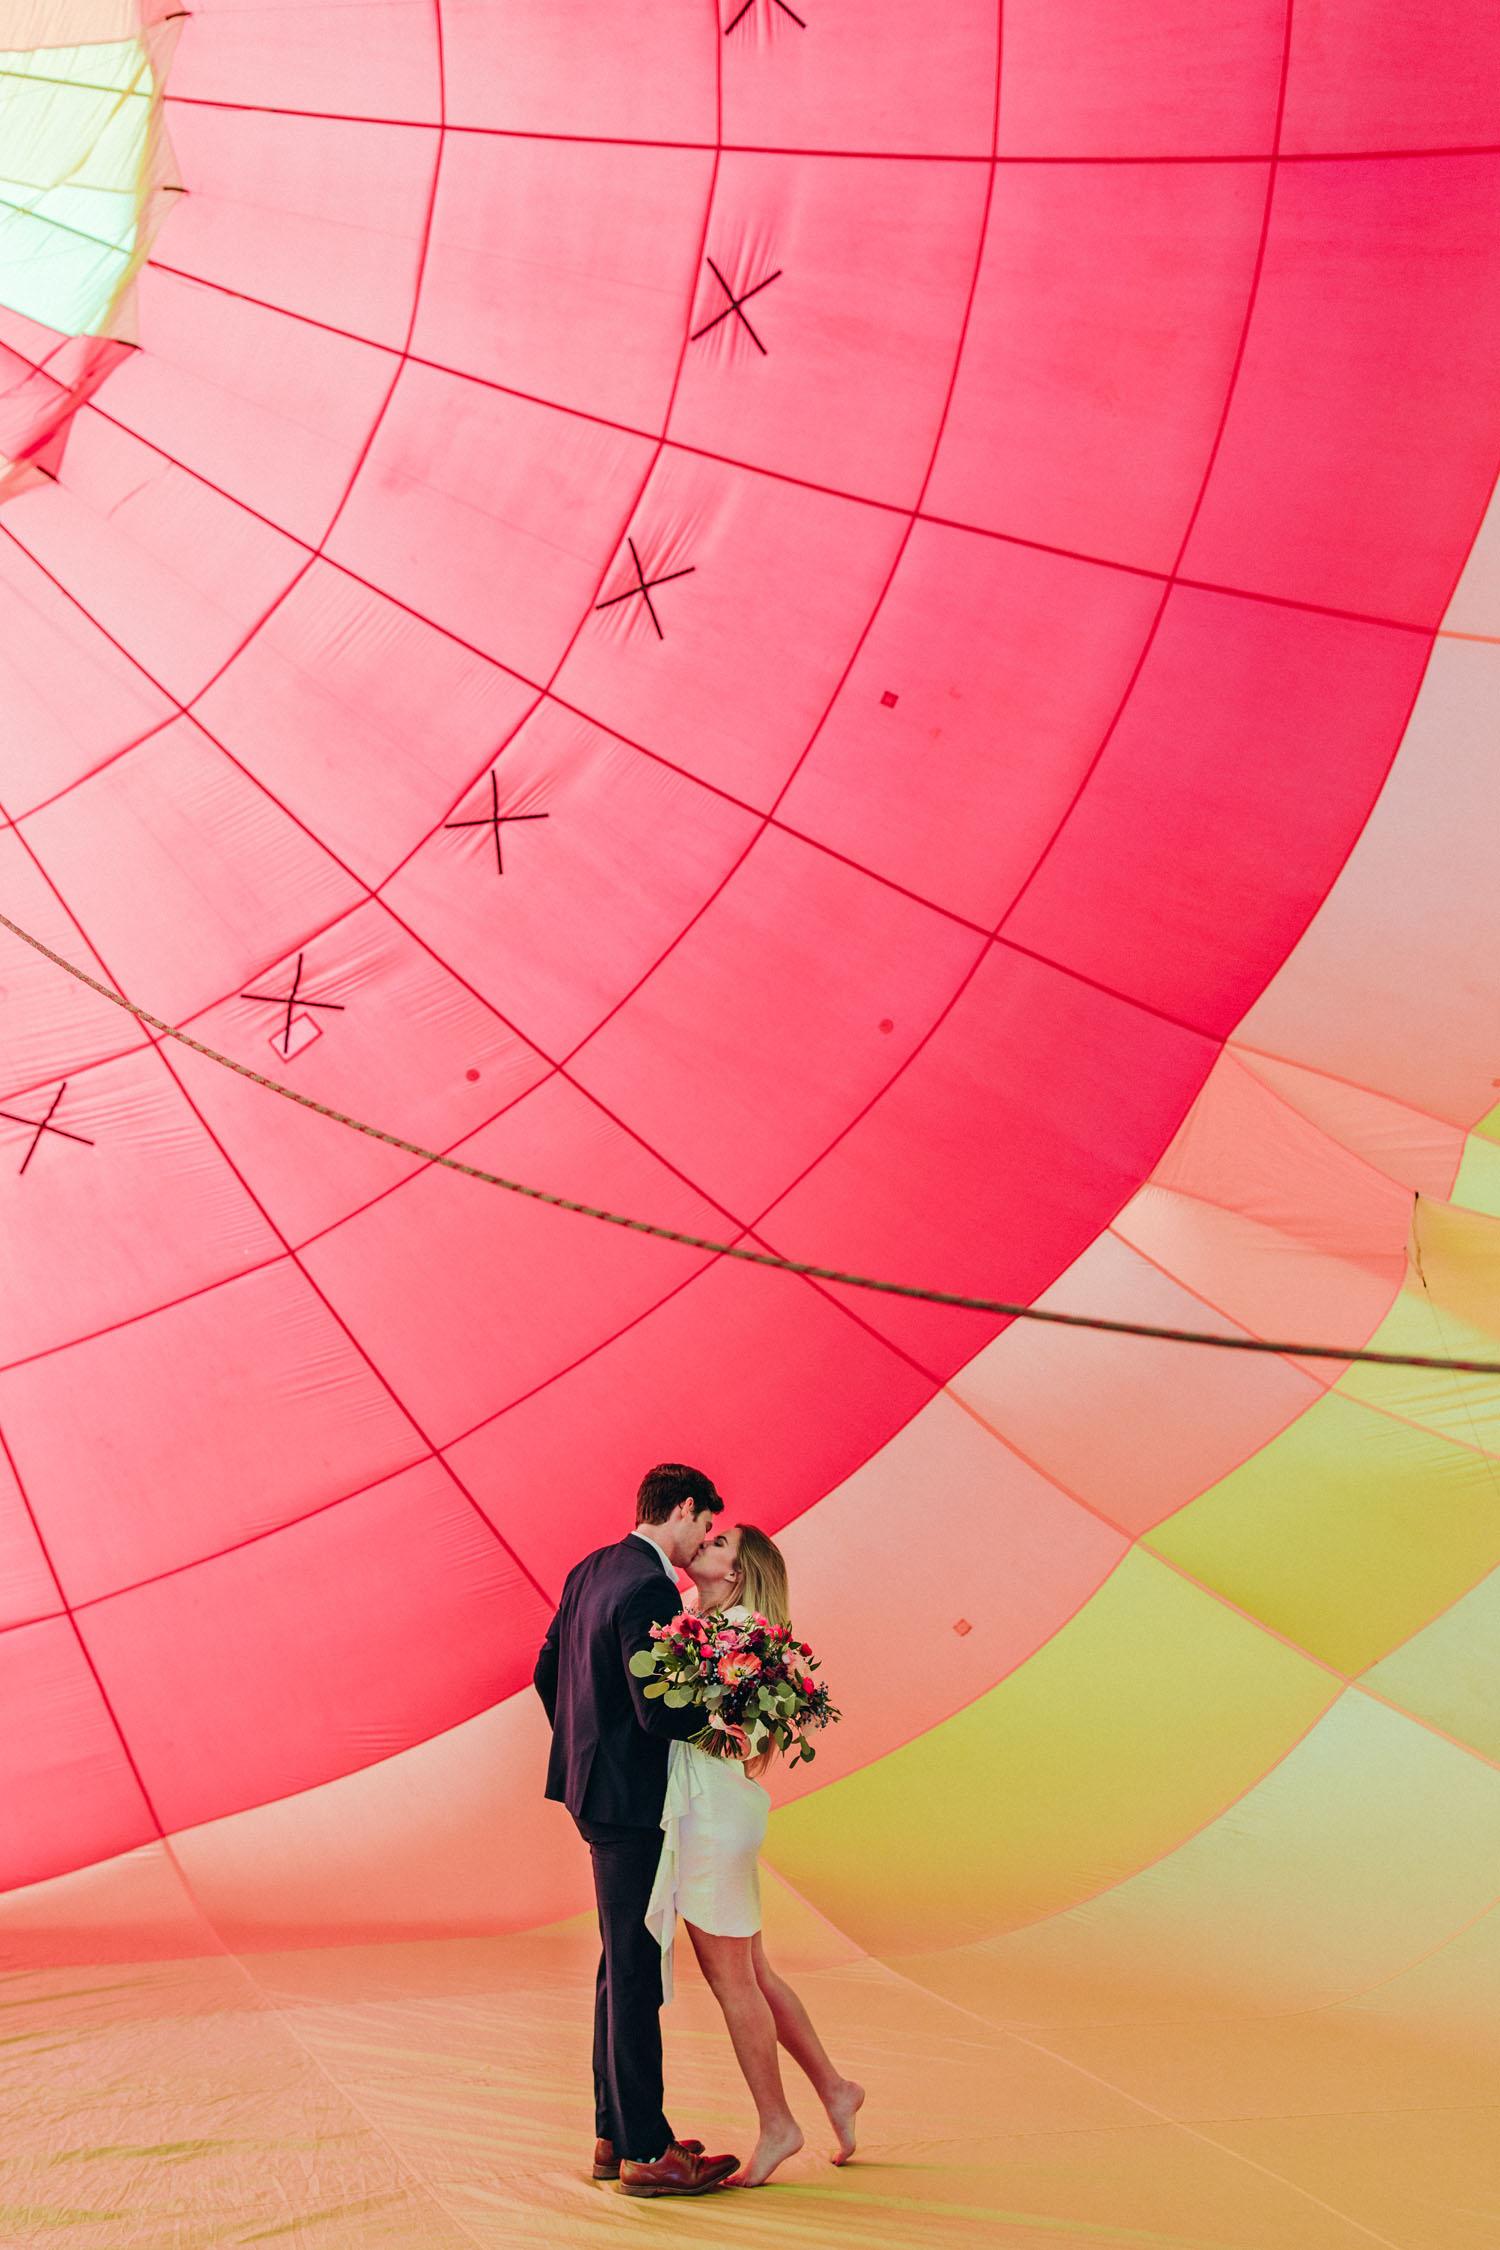 Hot Air Balloon Styled Elopement